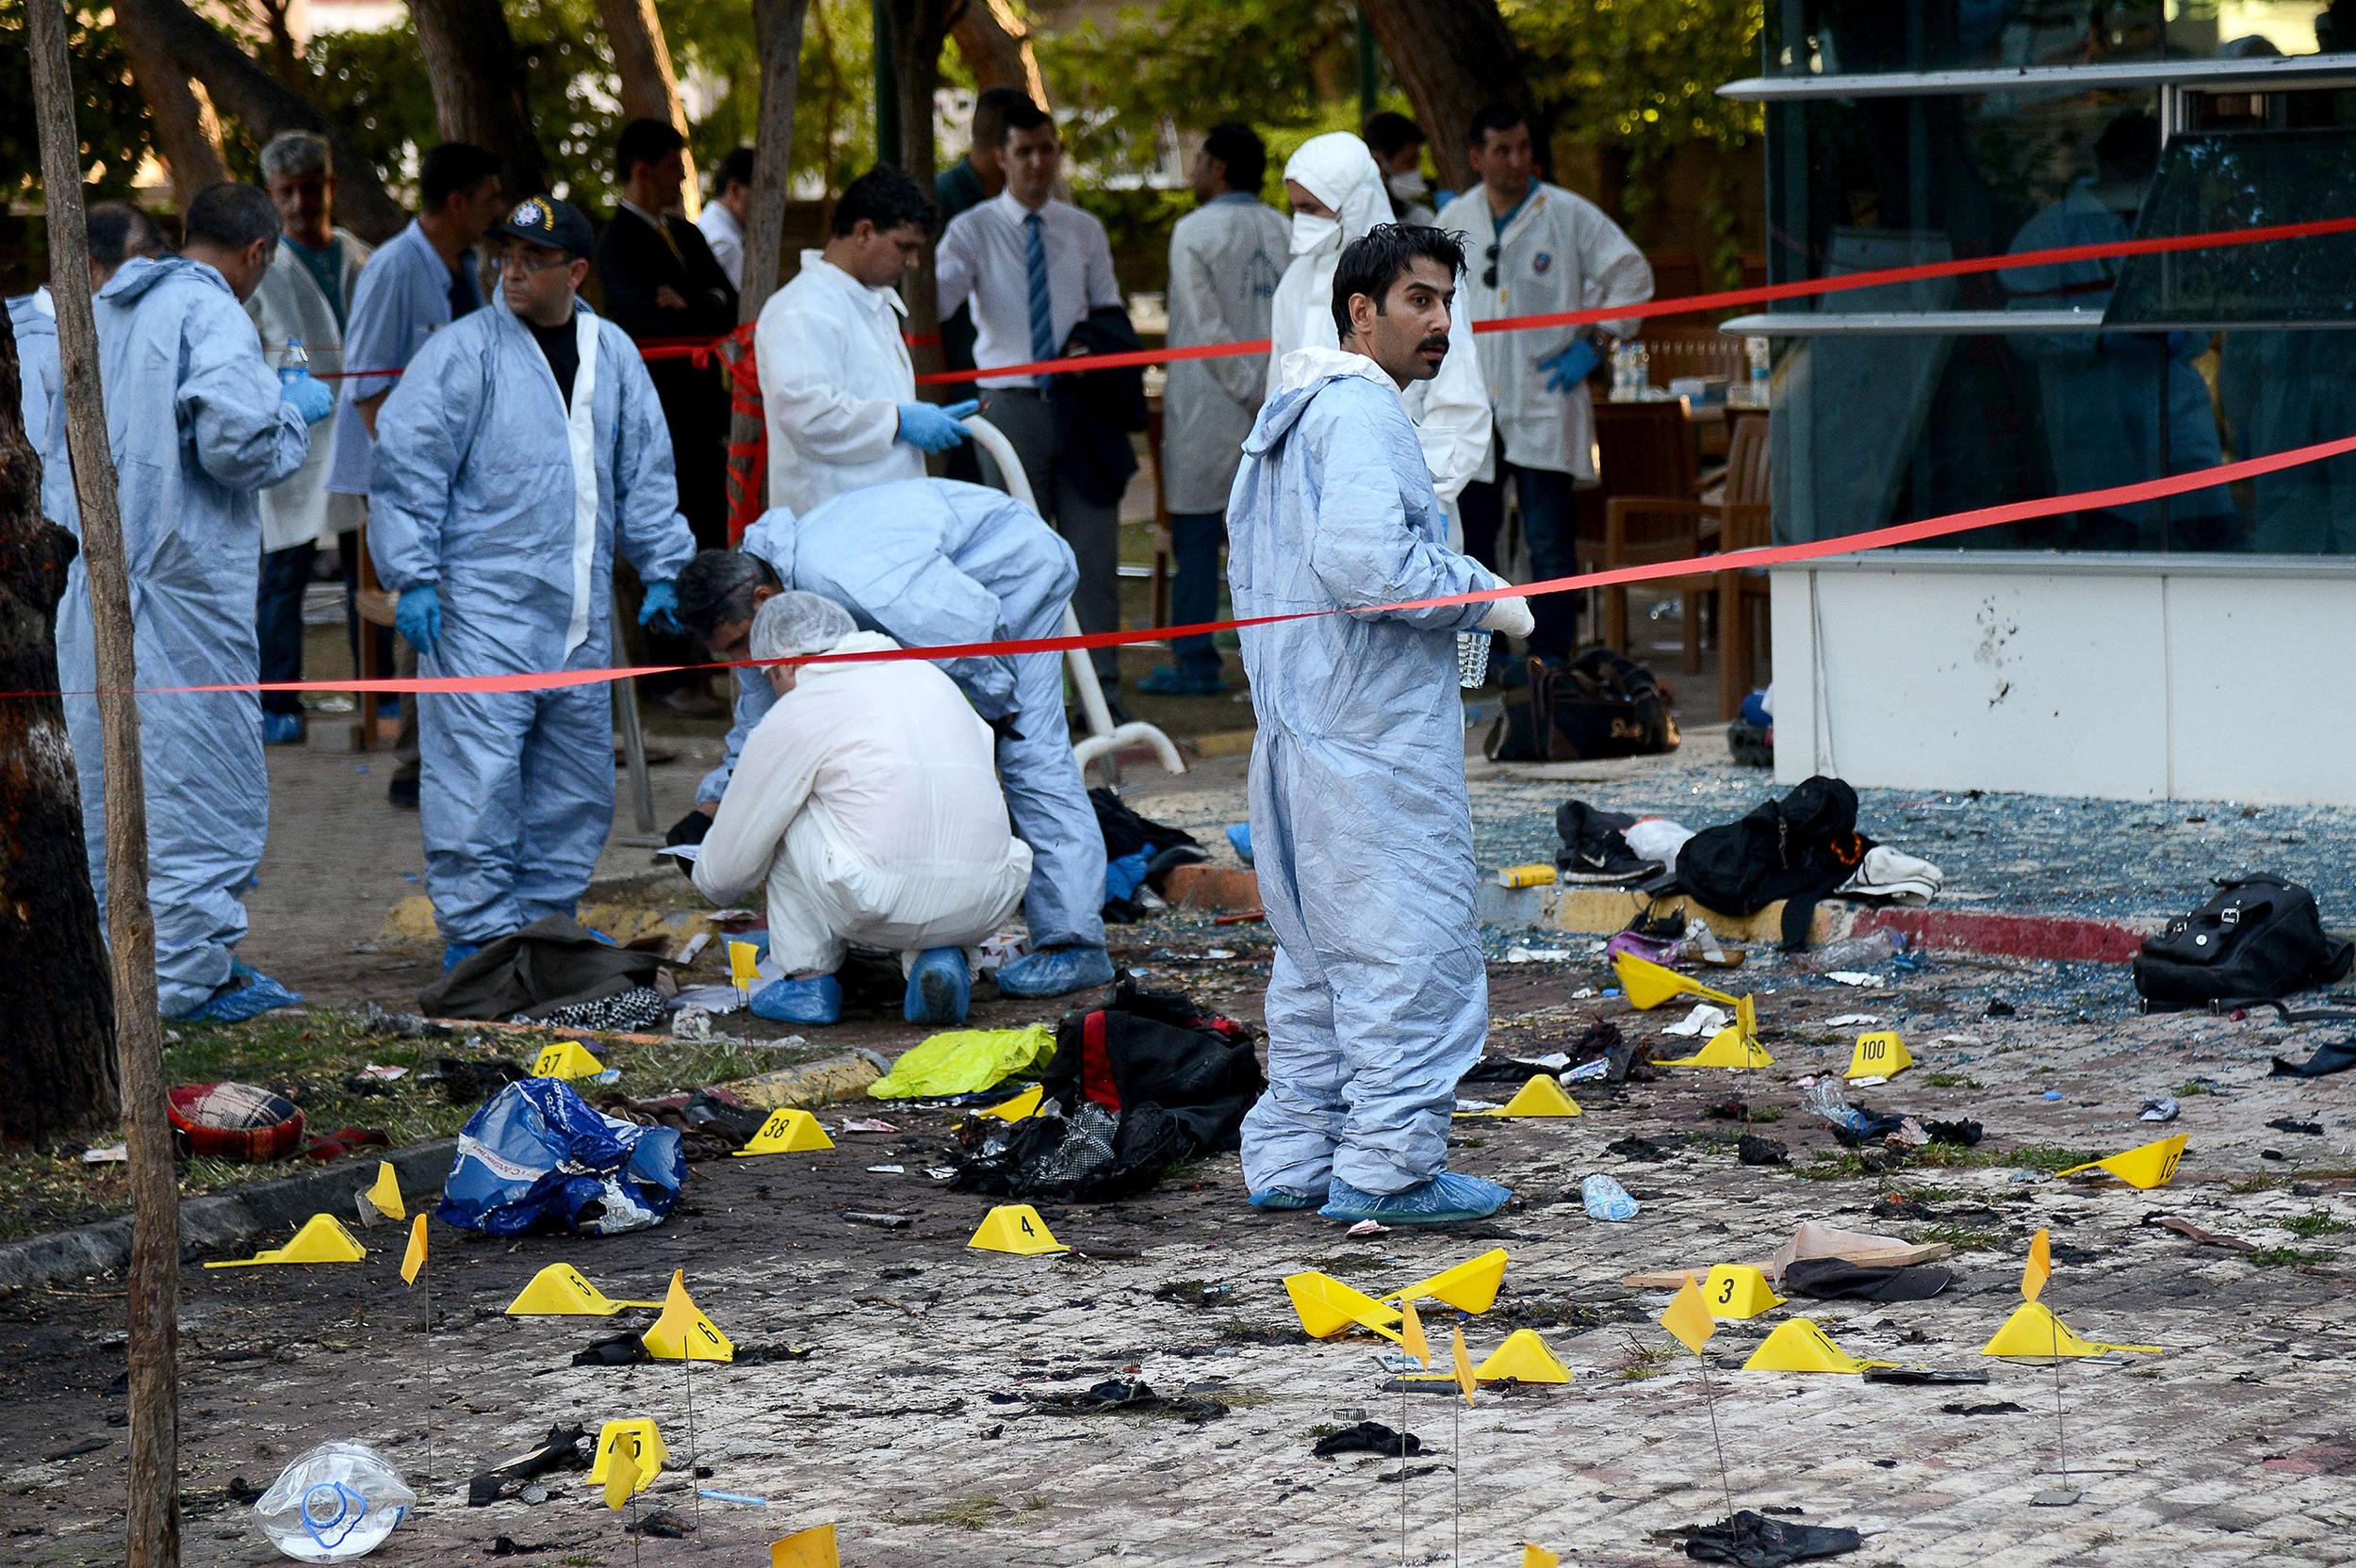 5 أشخاص قتلوا في تفجير انتحاري وسط اسطنبول